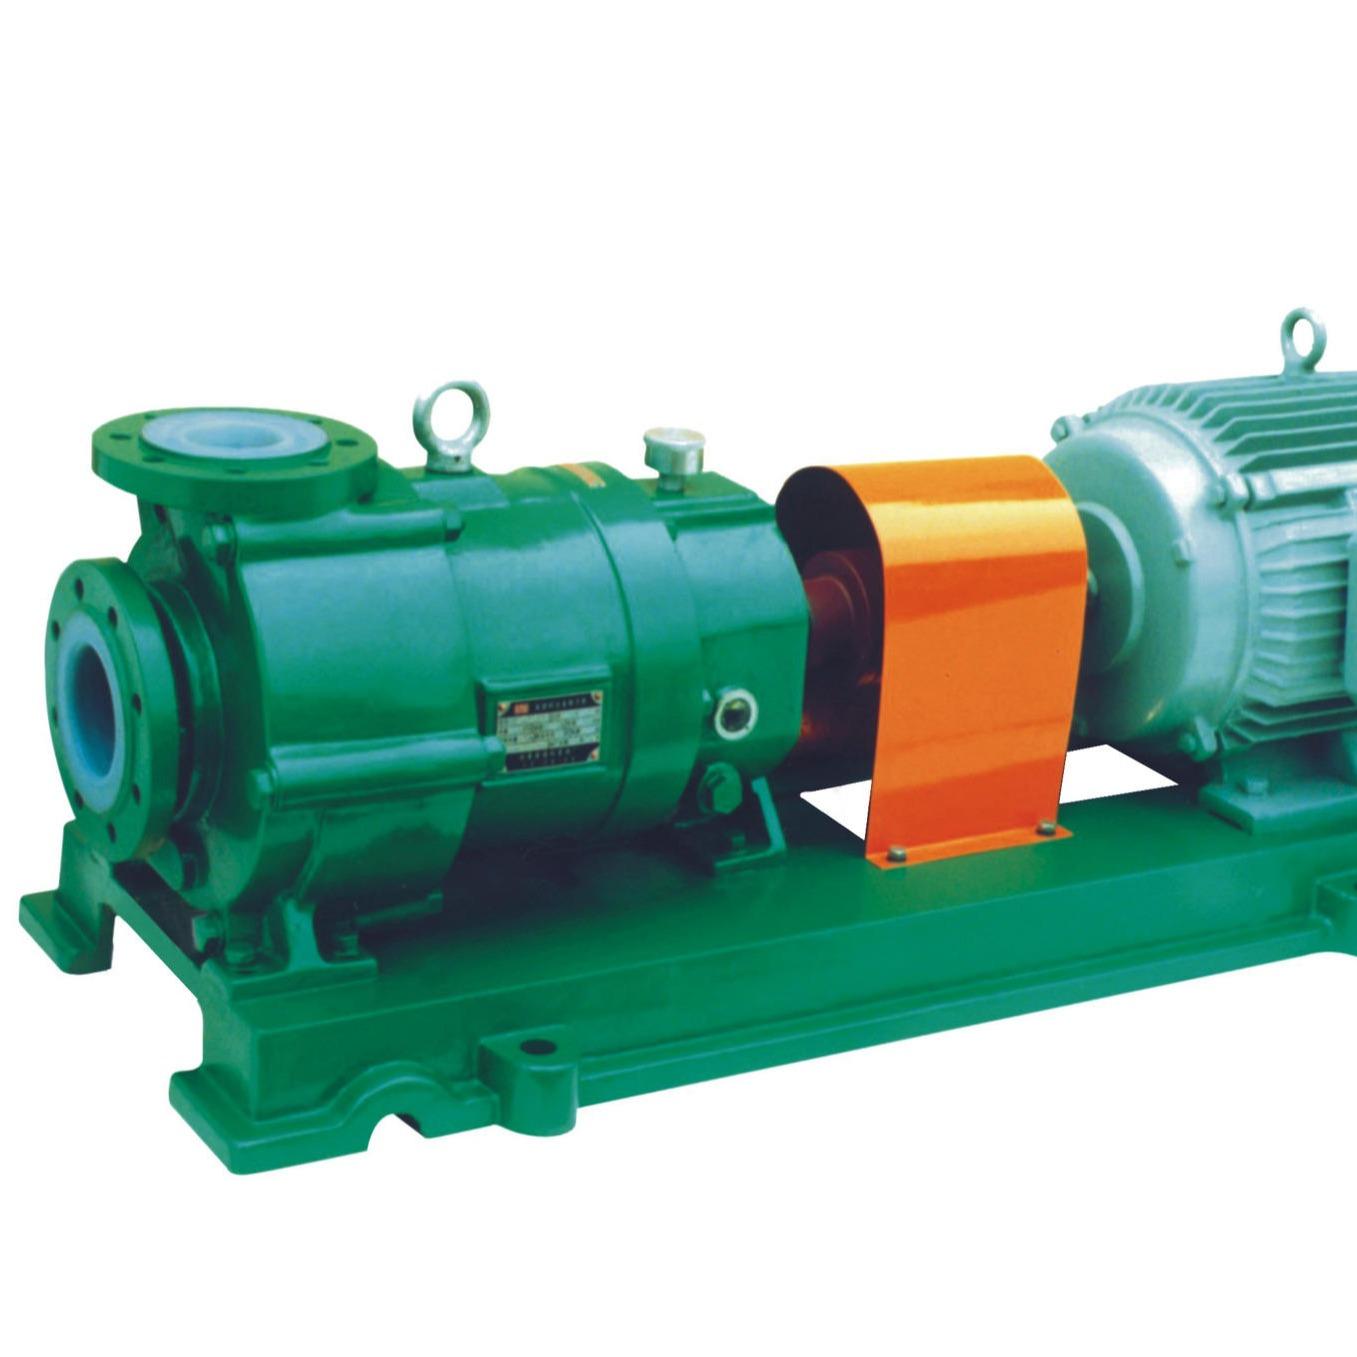 博特泵閥 CQB系列氟塑料合金磁力泵 耐腐蝕重型磁力泵 耐酸堿化工泵